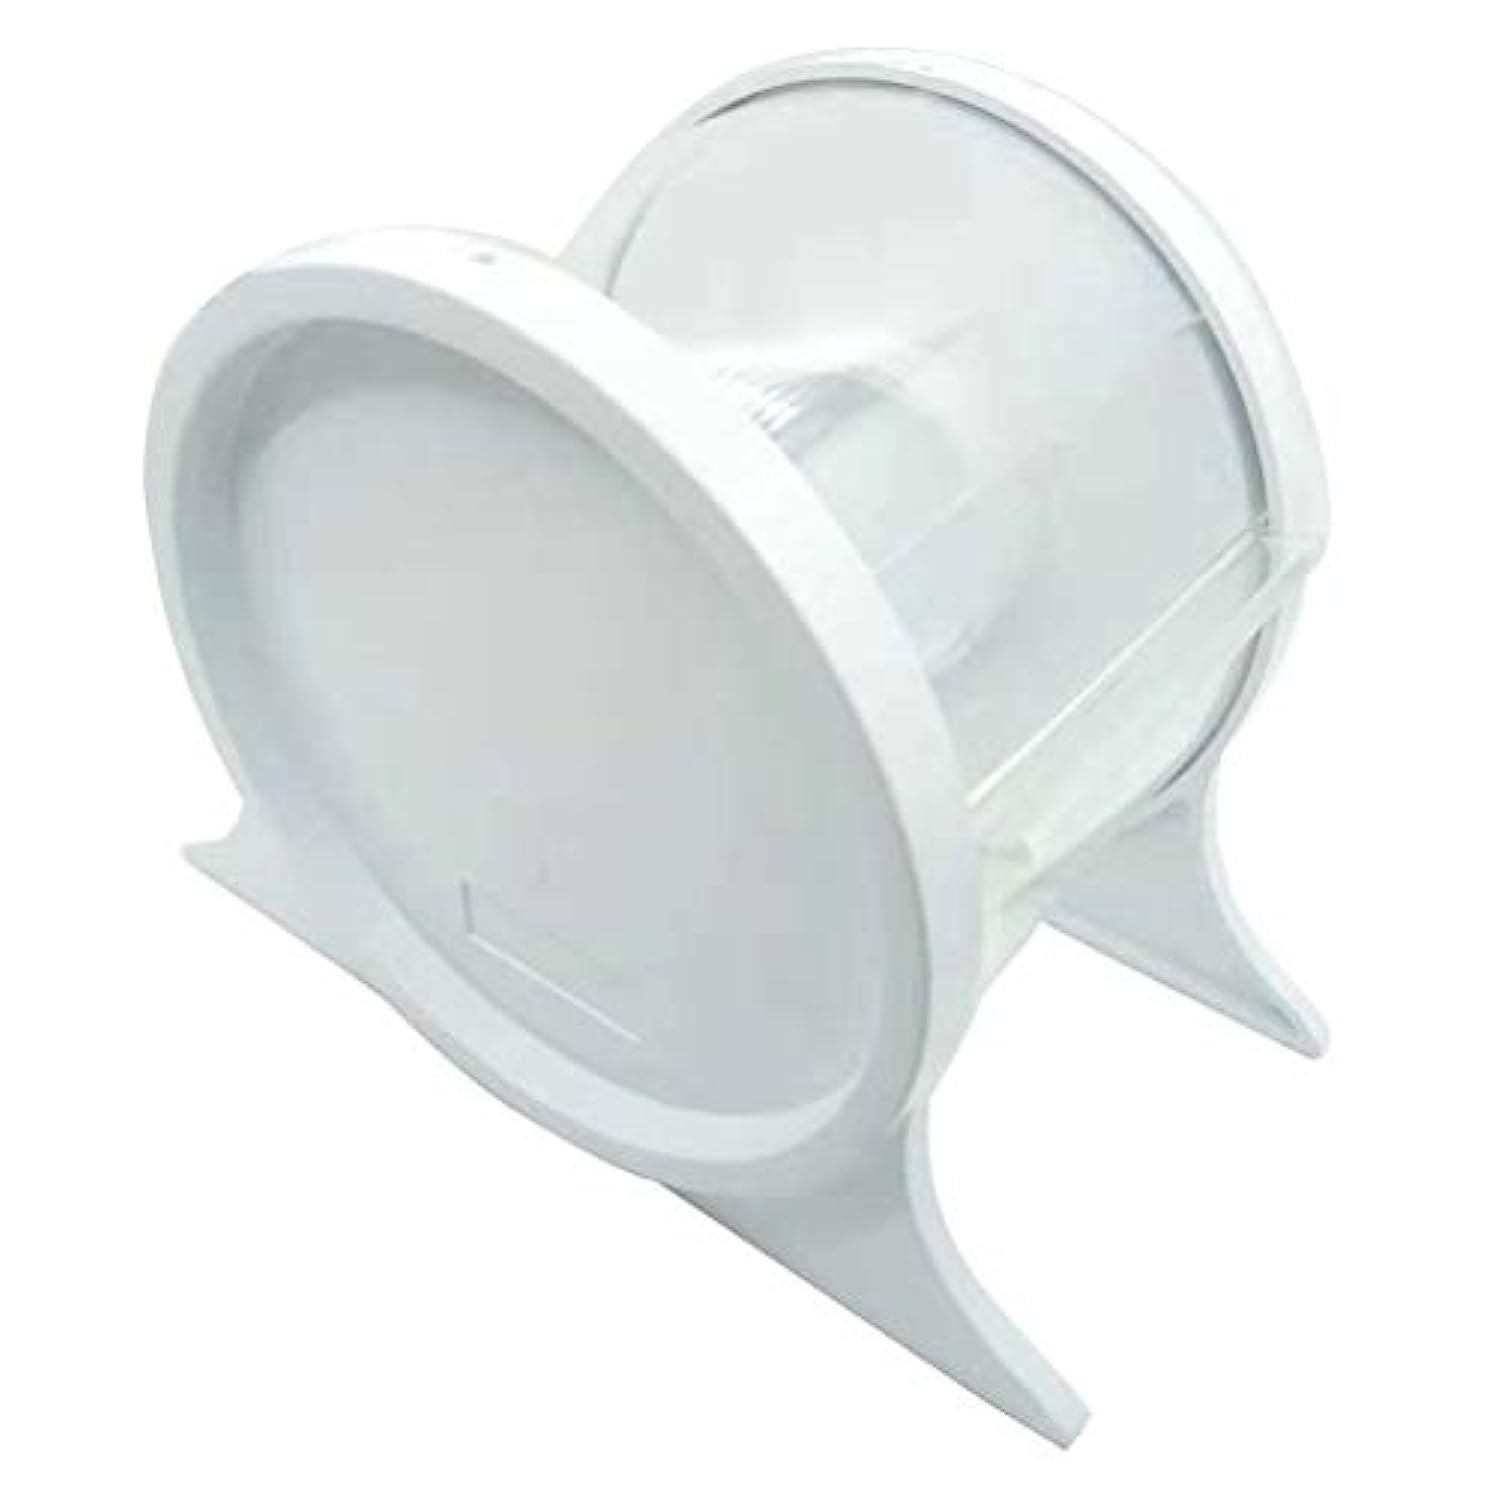 展示会苛性ブラザーHealifty 1ピース使い捨て歯科バリアフィルムディスペンサー保護スタンドホルダーシェルフ歯科ツール(ホワイト)